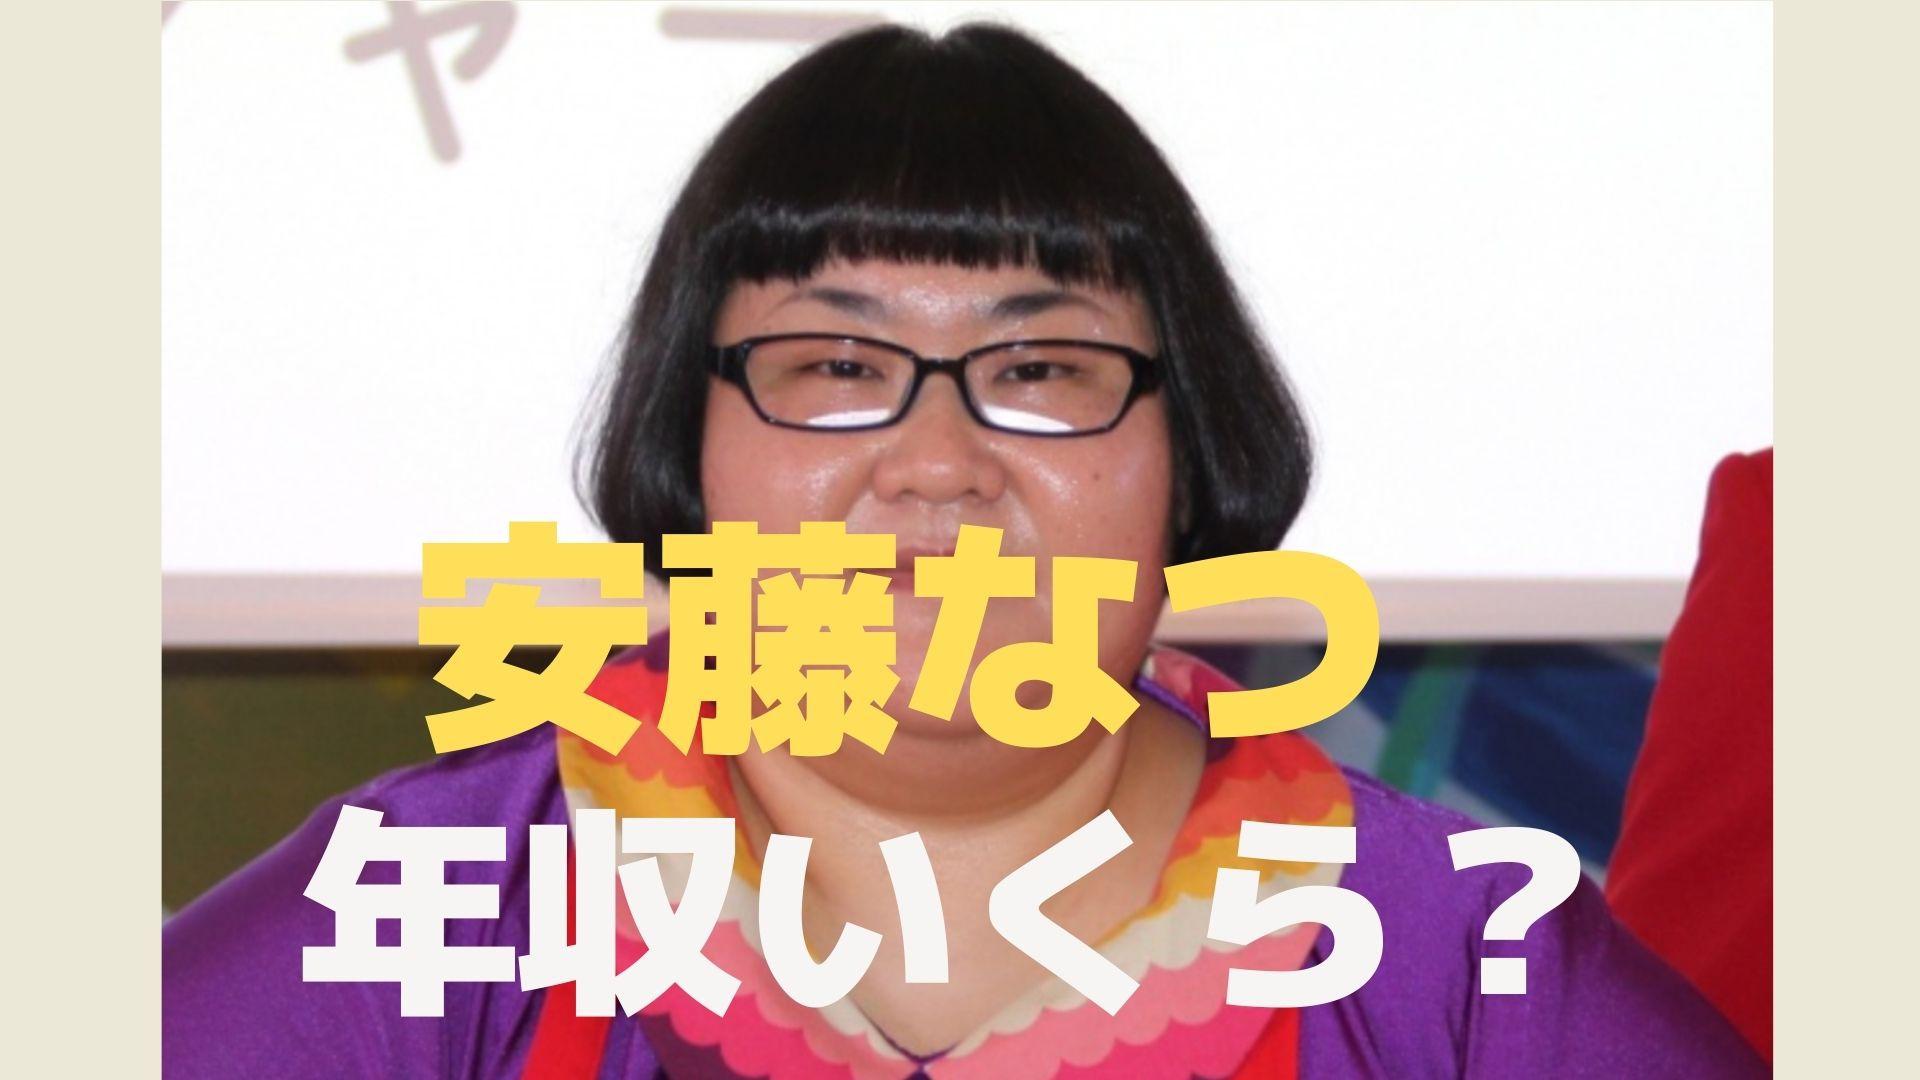 natsu-ando-annual-income